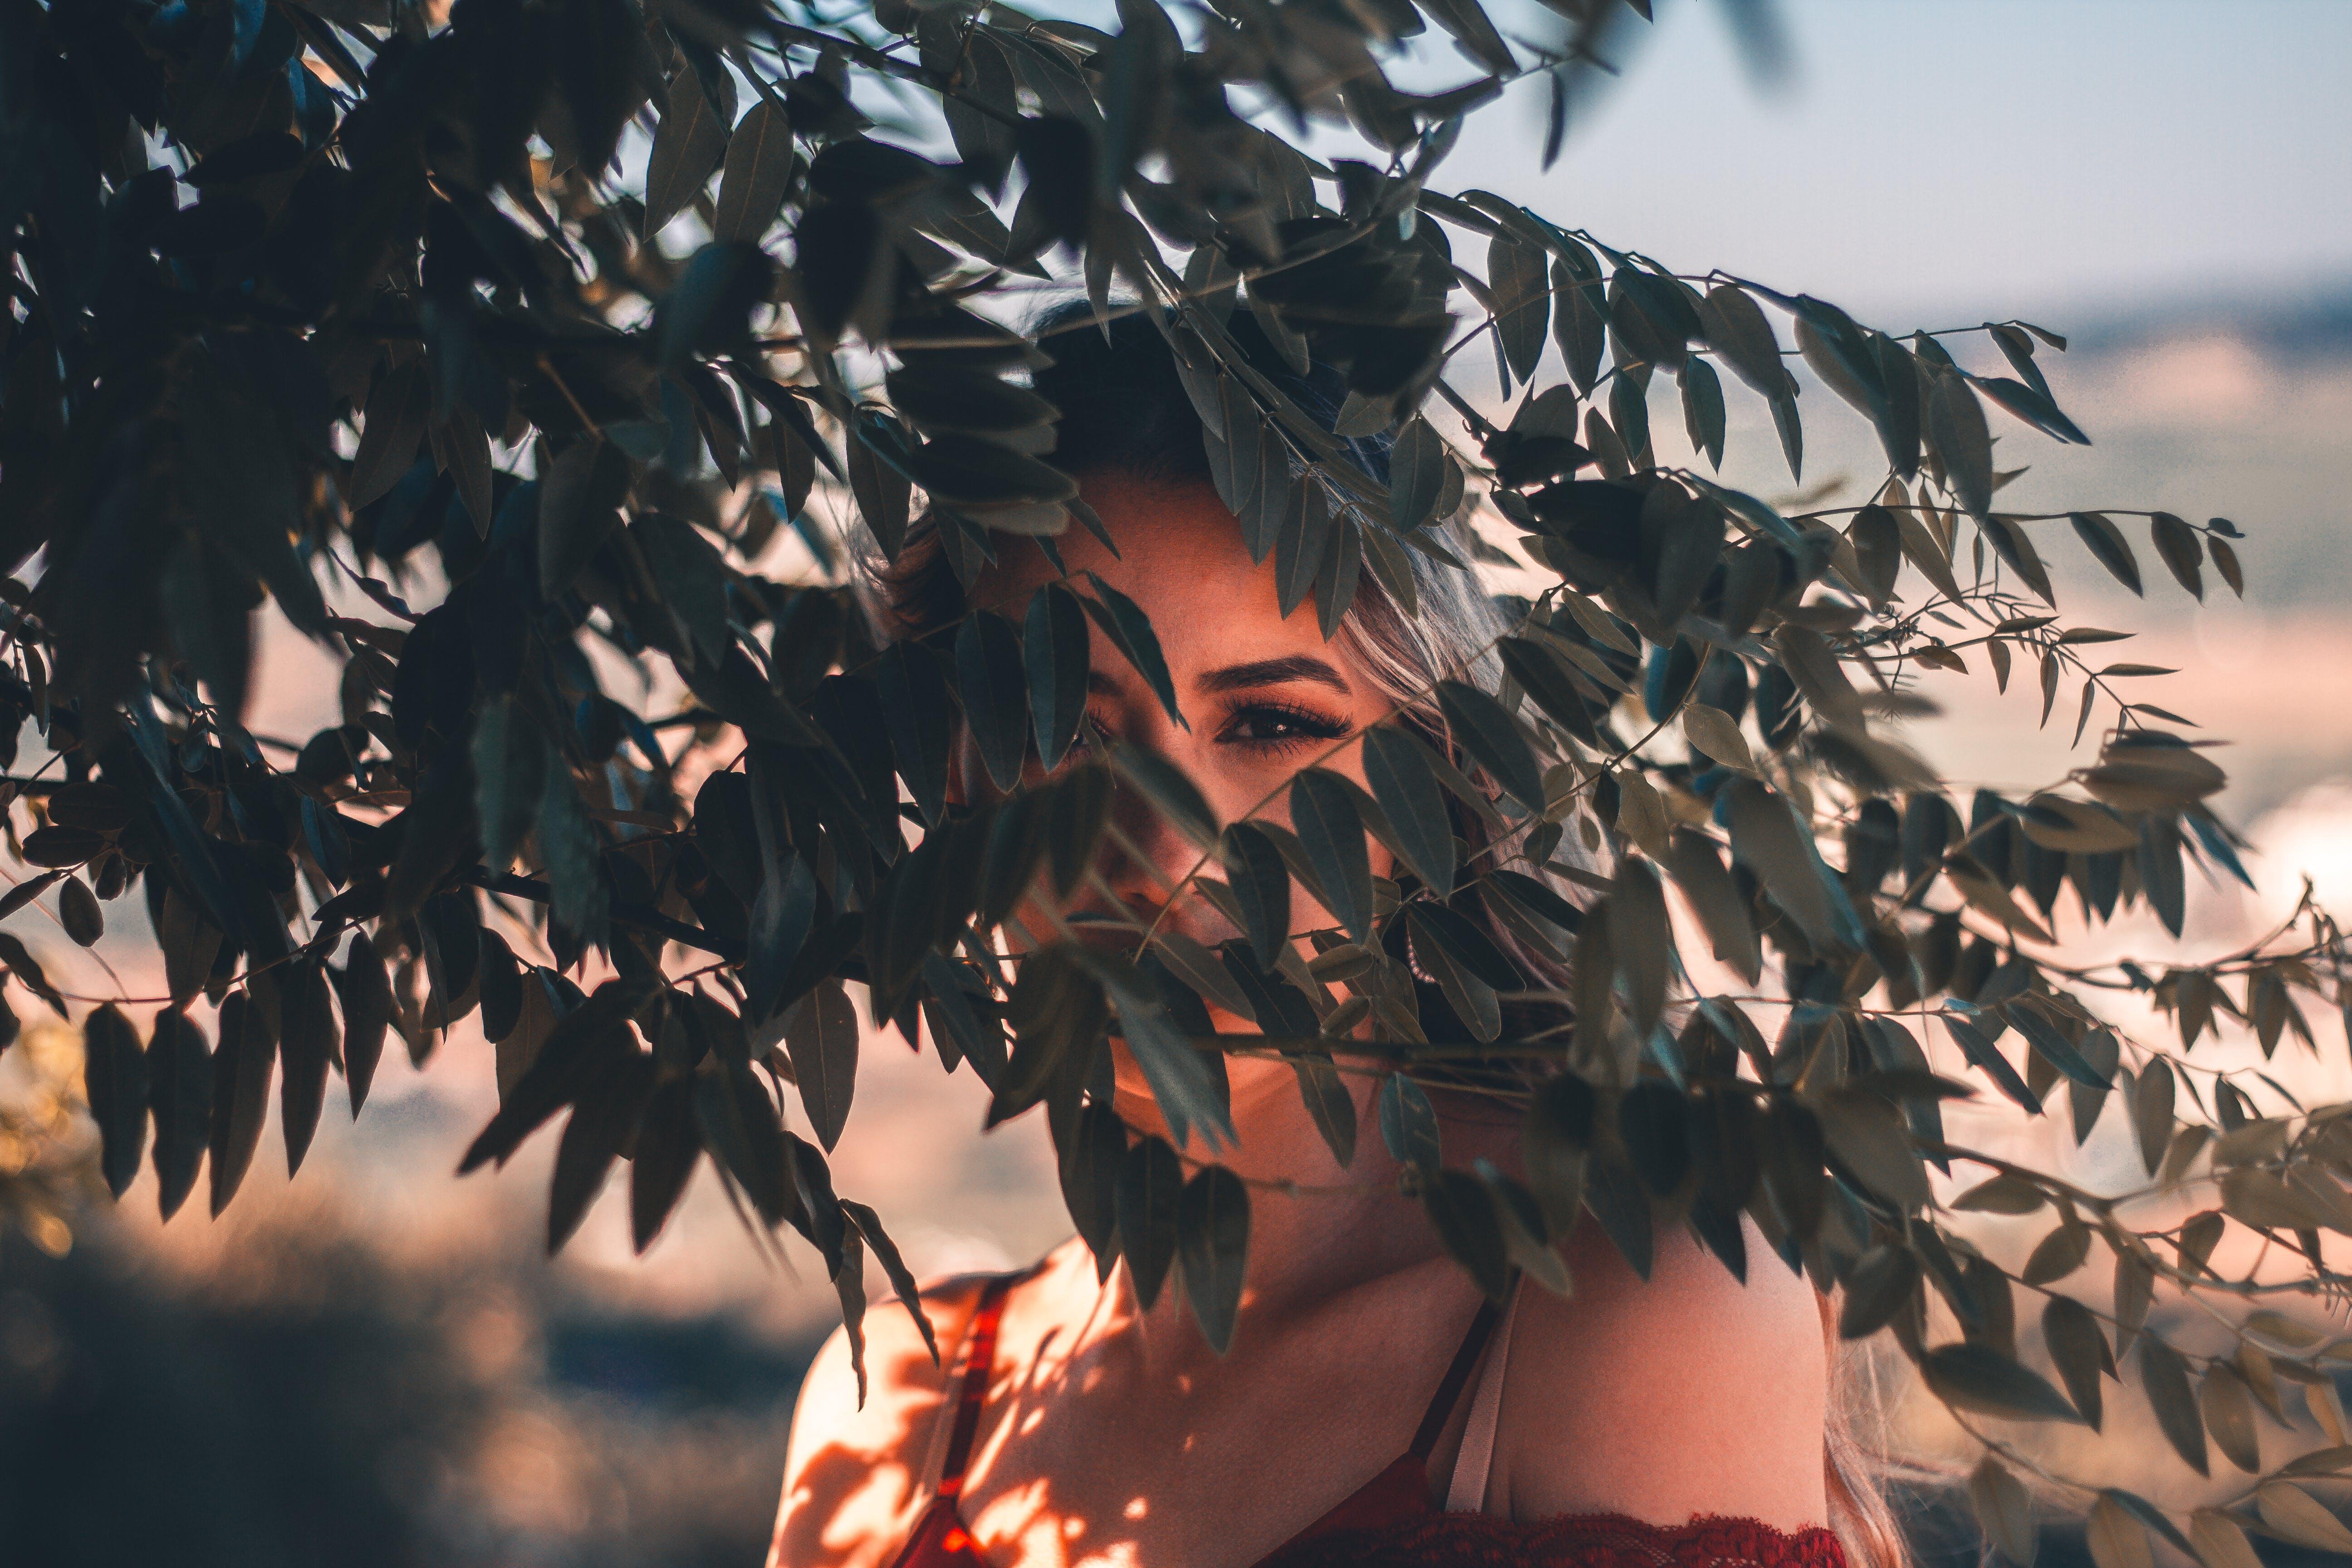 Δωρεάν στοκ φωτογραφιών με άνθρωπος, γυναίκα, δέντρο, θηλυκός